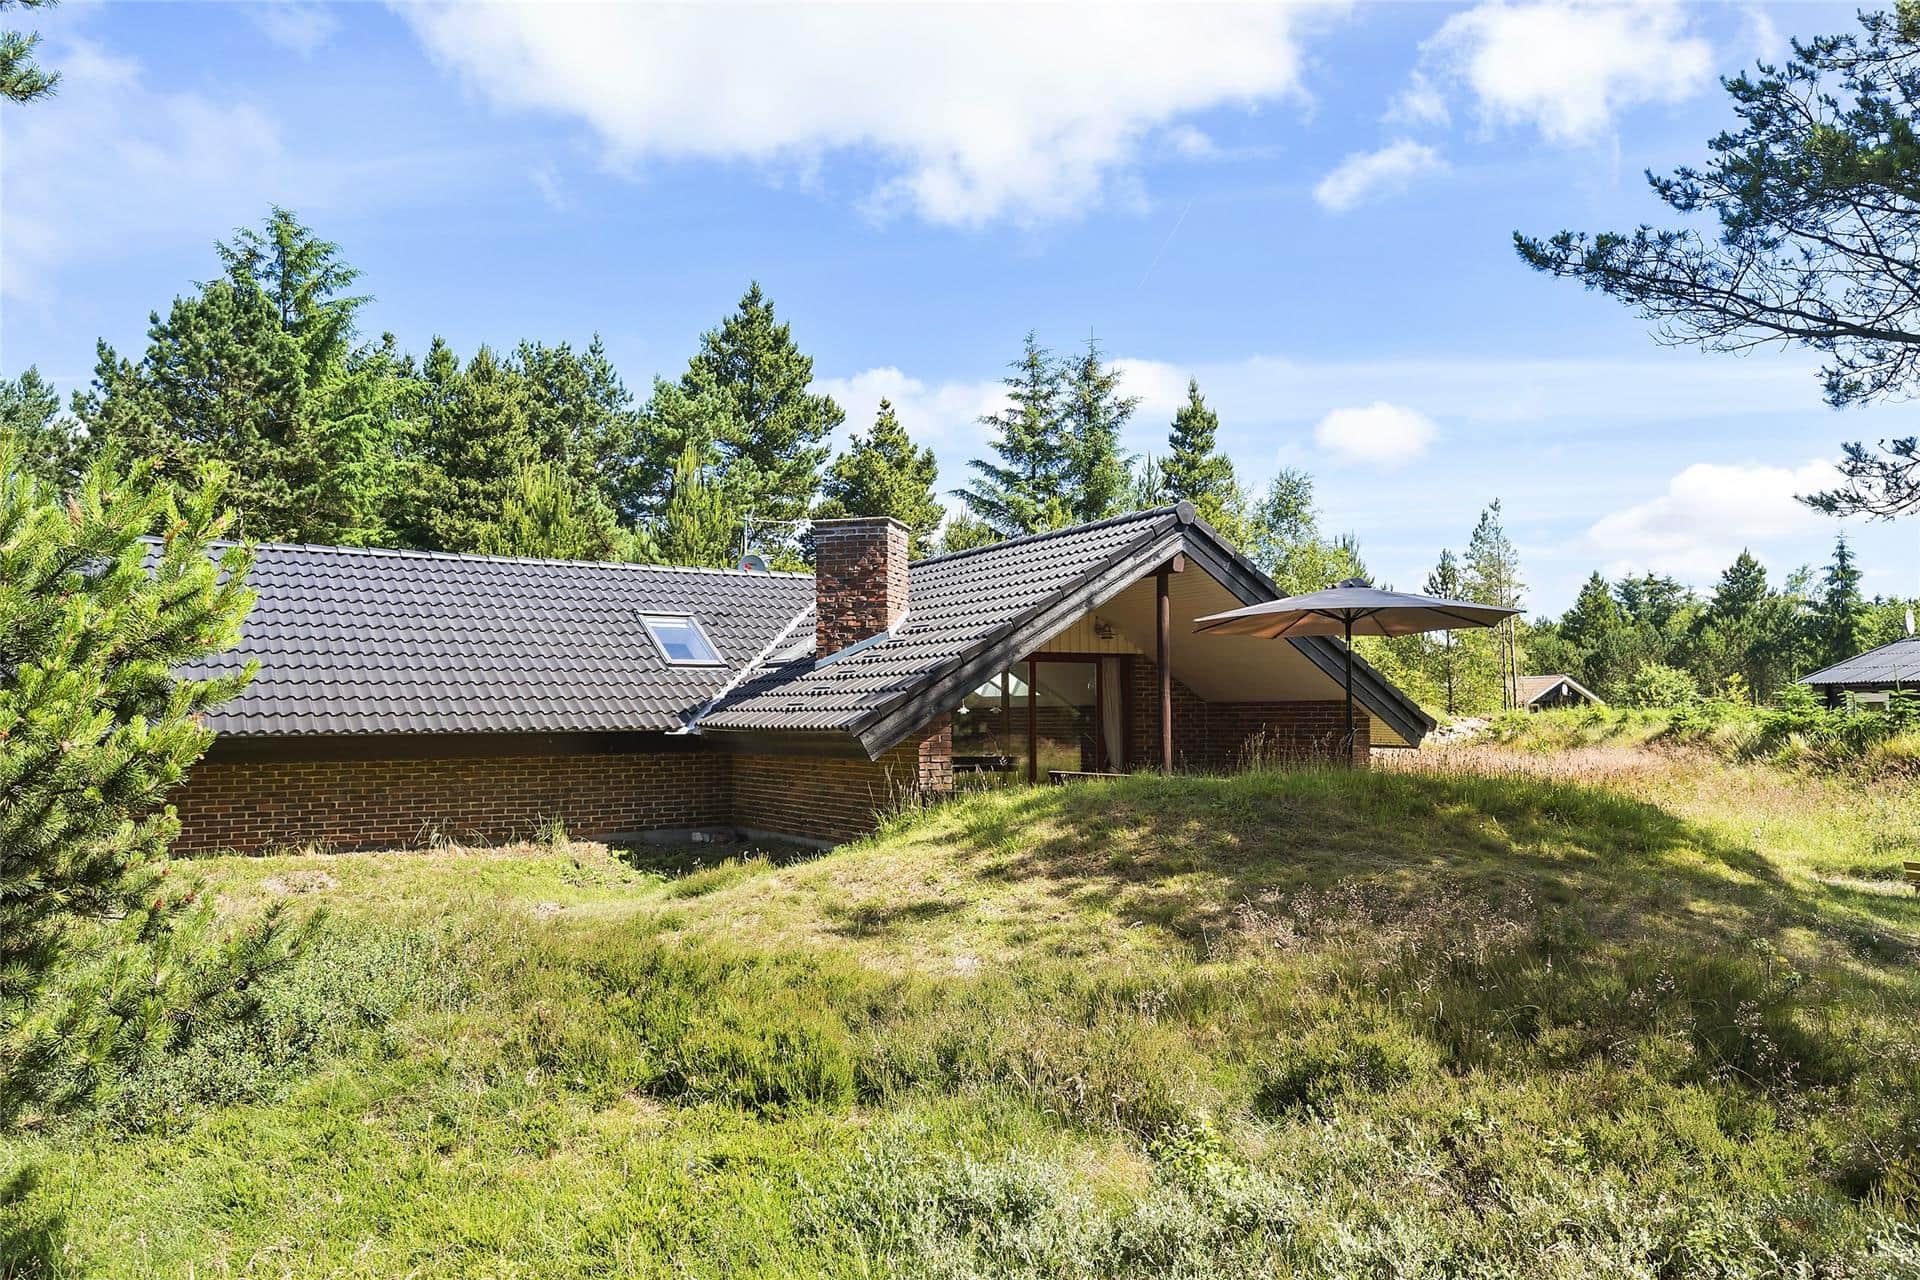 Afbeelding 1-173 Vakantiehuis BV114, Hedevej 24, DK - 6857 Blåvand